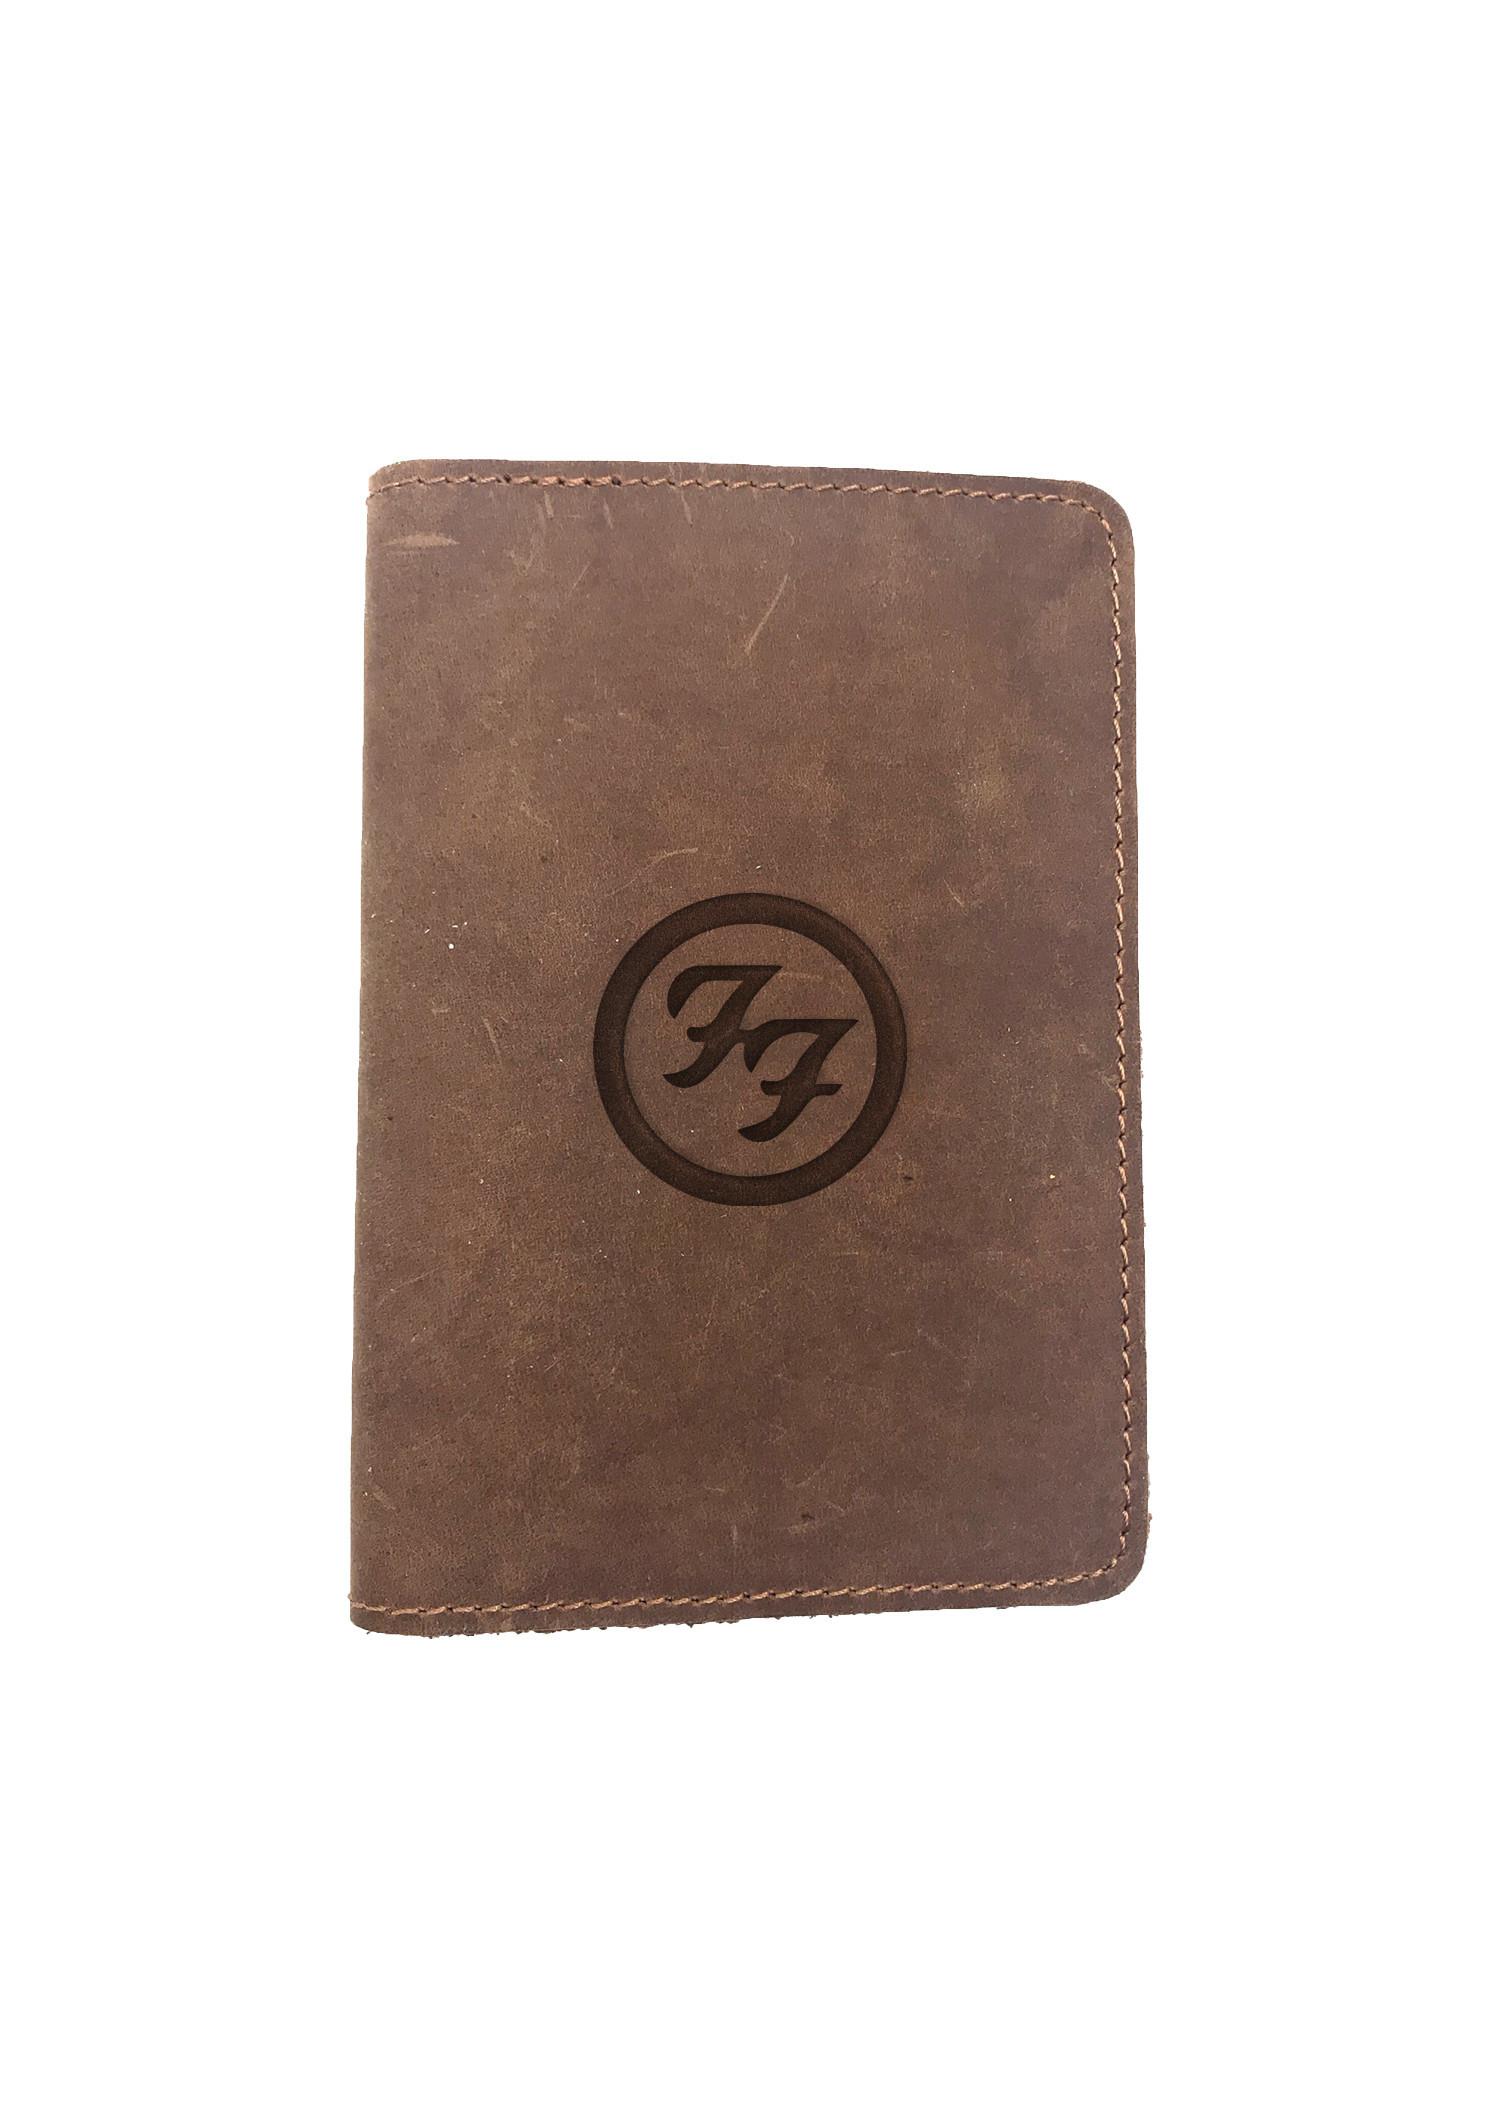 Passport Cover Bao Da Hộ Chiếu Da Sáp Khắc Hình Ban nhạc FOO FIGHTERS BAND (BROWN)